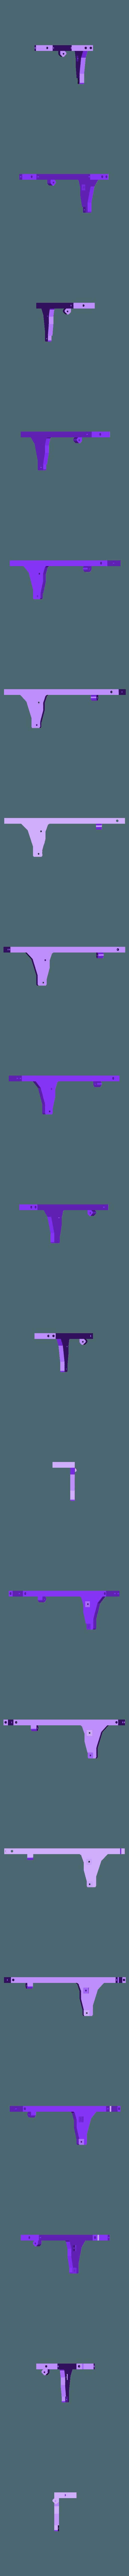 TruckV3_Rearframe1_SplitA.STL Download STL file 3D Printed RC Truck V3 • 3D print model, MrCrankyface